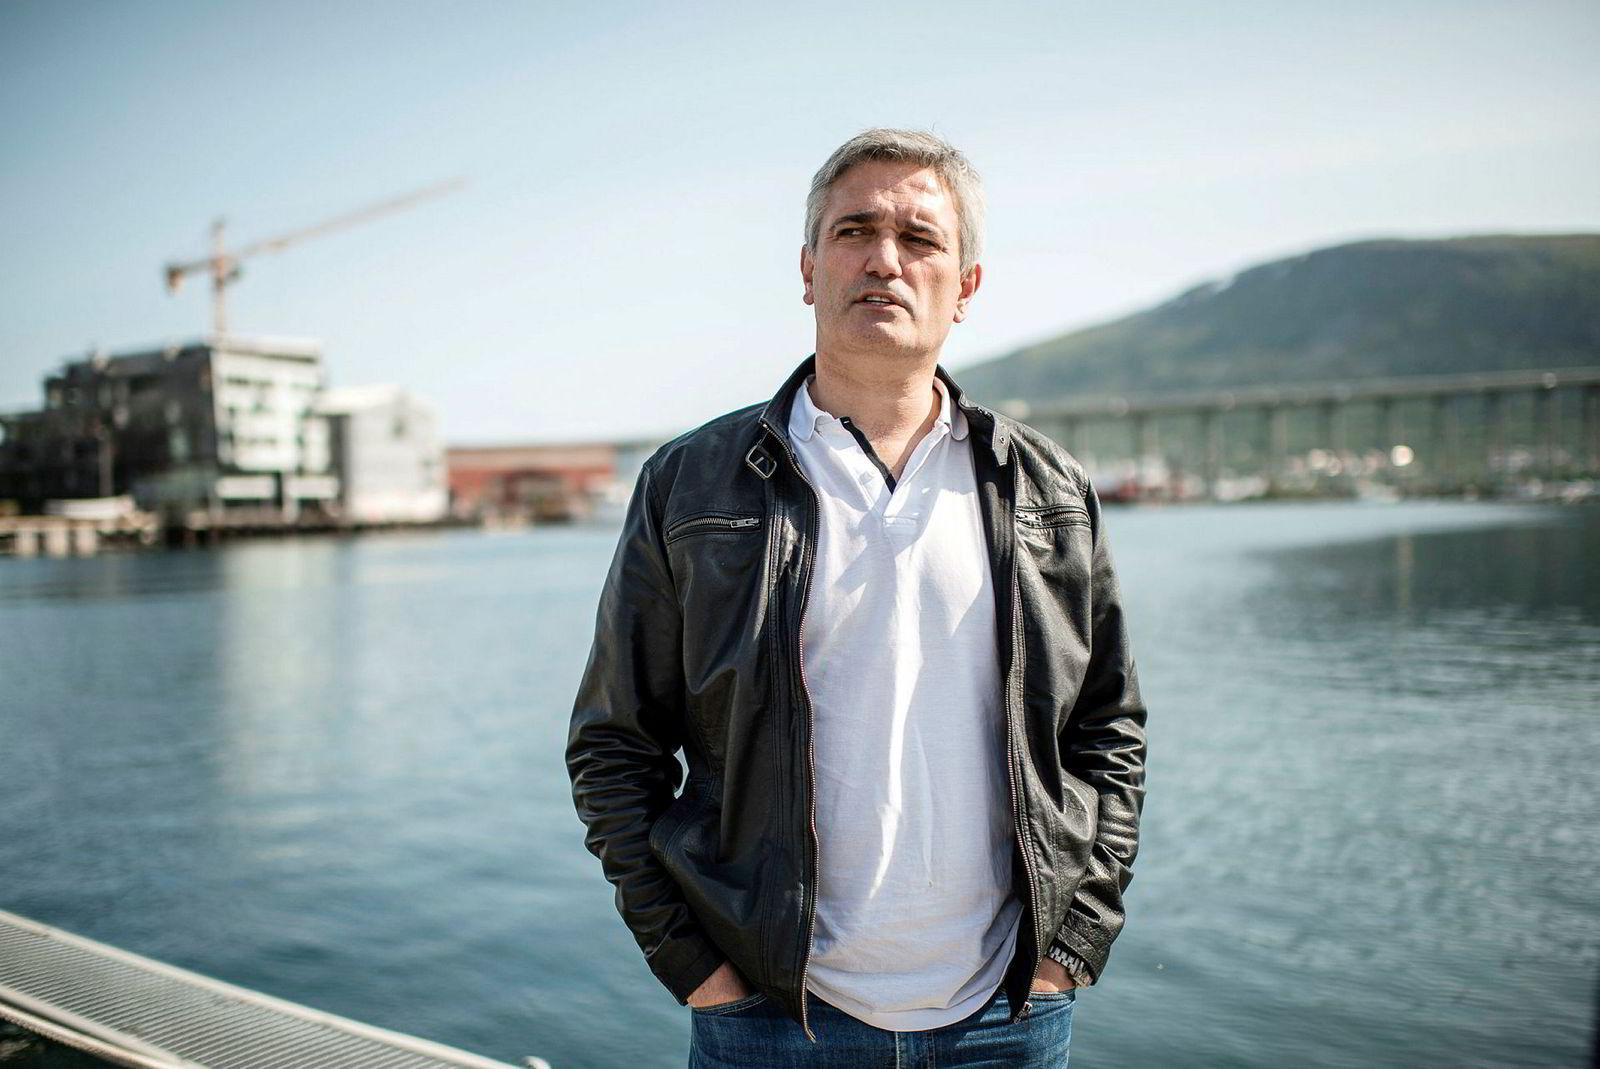 – De høye lakseprisene har berget næringen gjennom den ekstreme kostnadsøkningen, sier daglig leder i Wilsgård Fiskeoppdrett på Senja i Troms, Fredd Wilsgård.